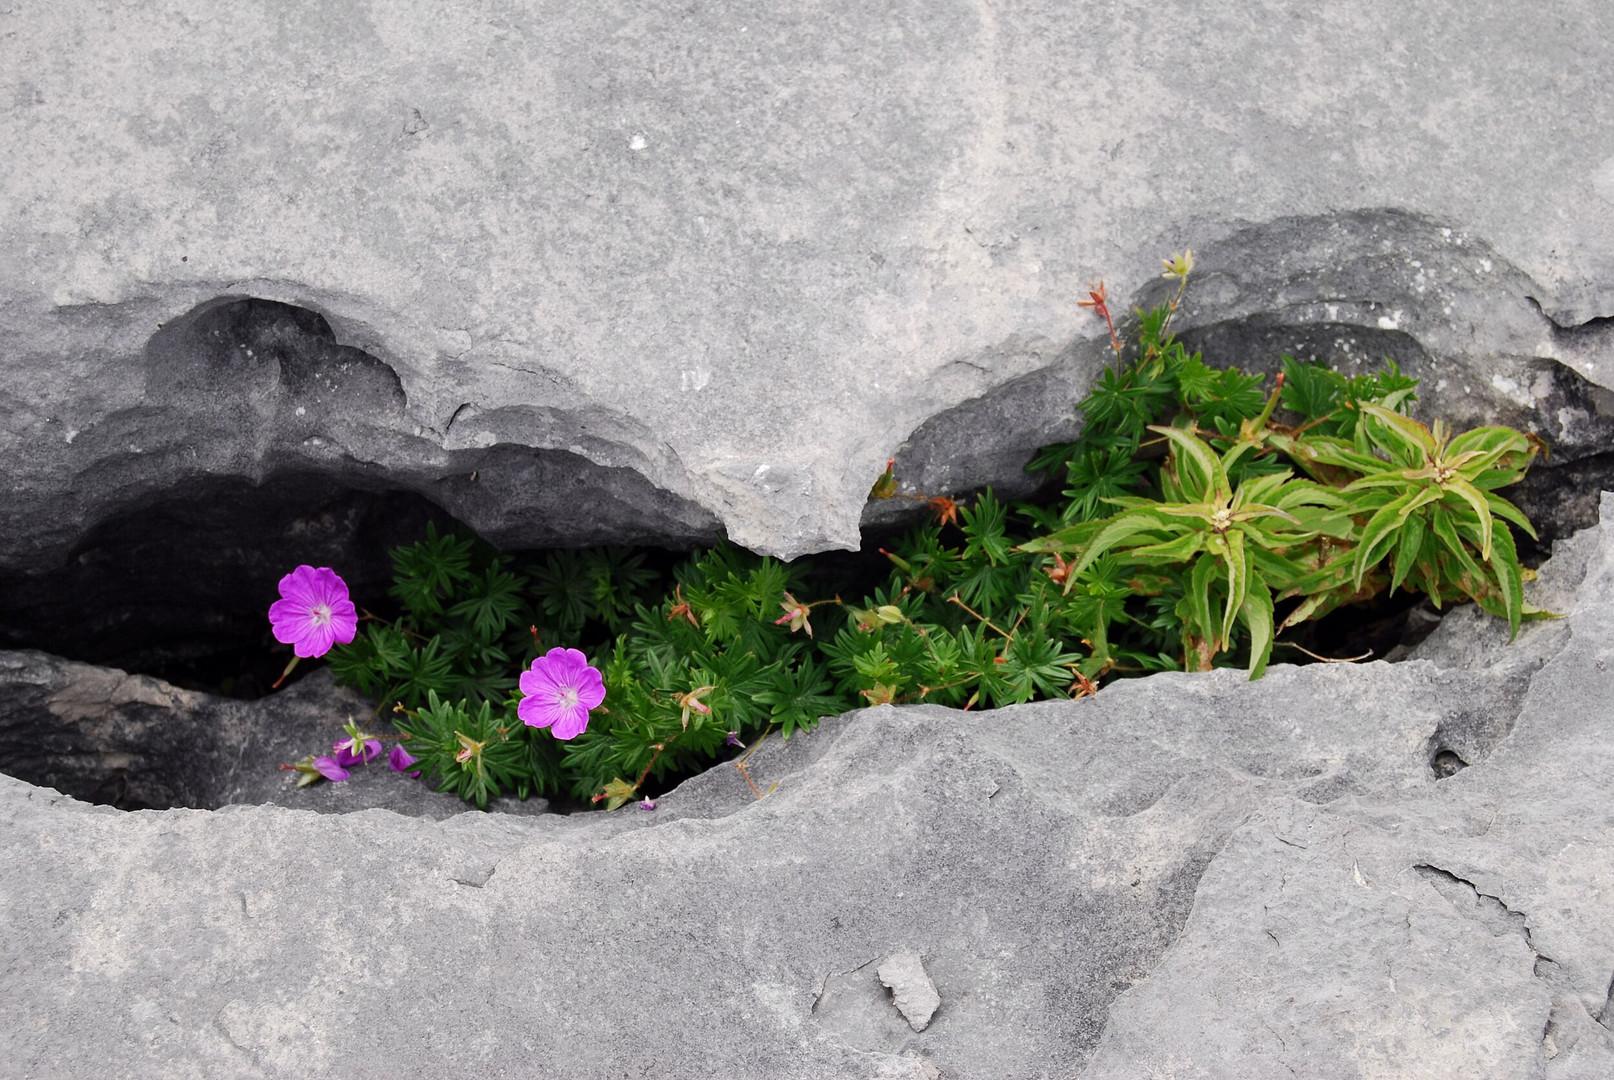 Irland - Leben in der Felsspalte, Burren